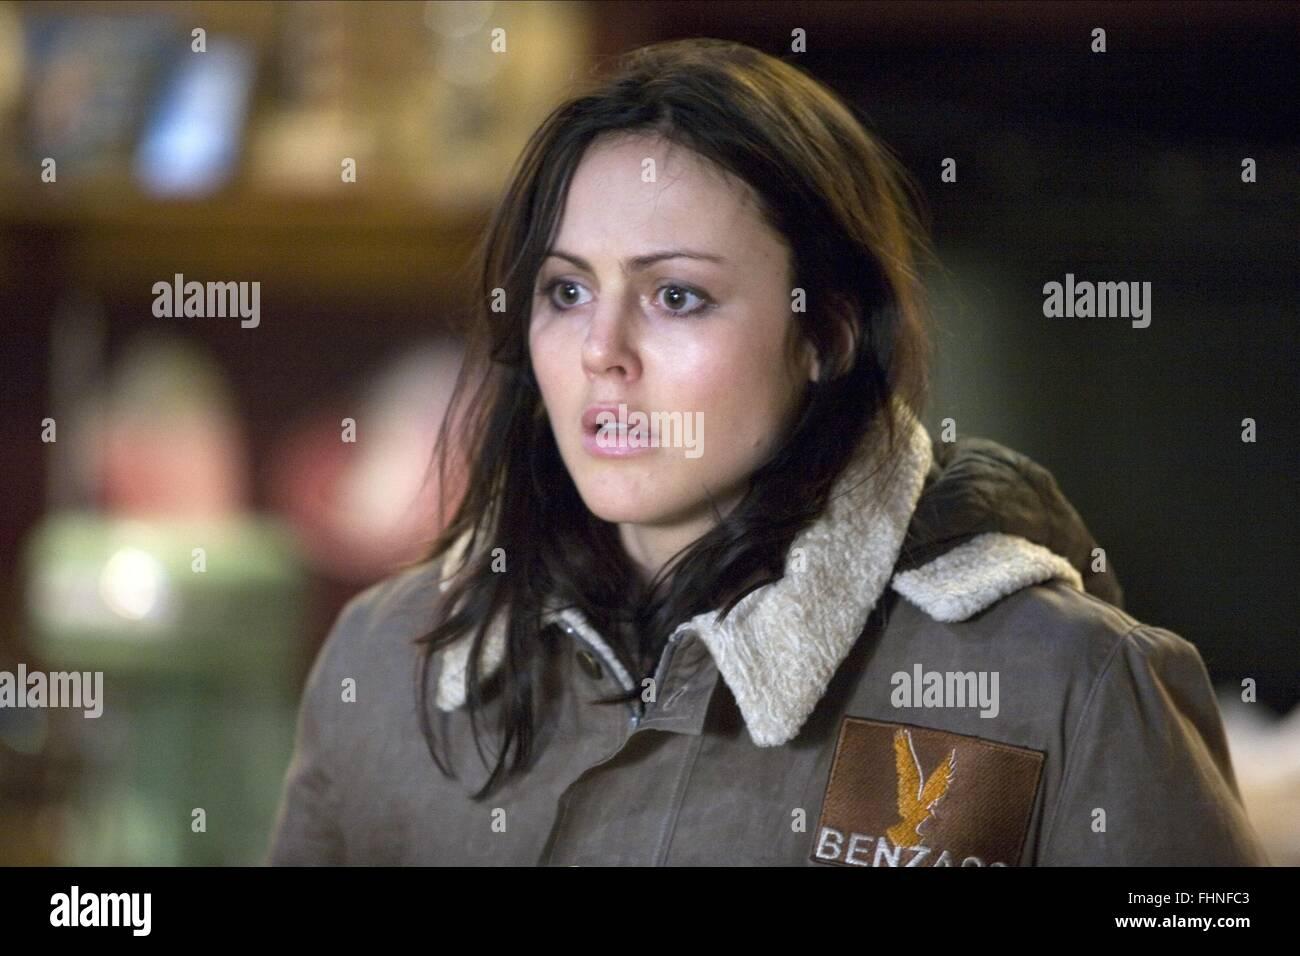 Amber Sainsbury